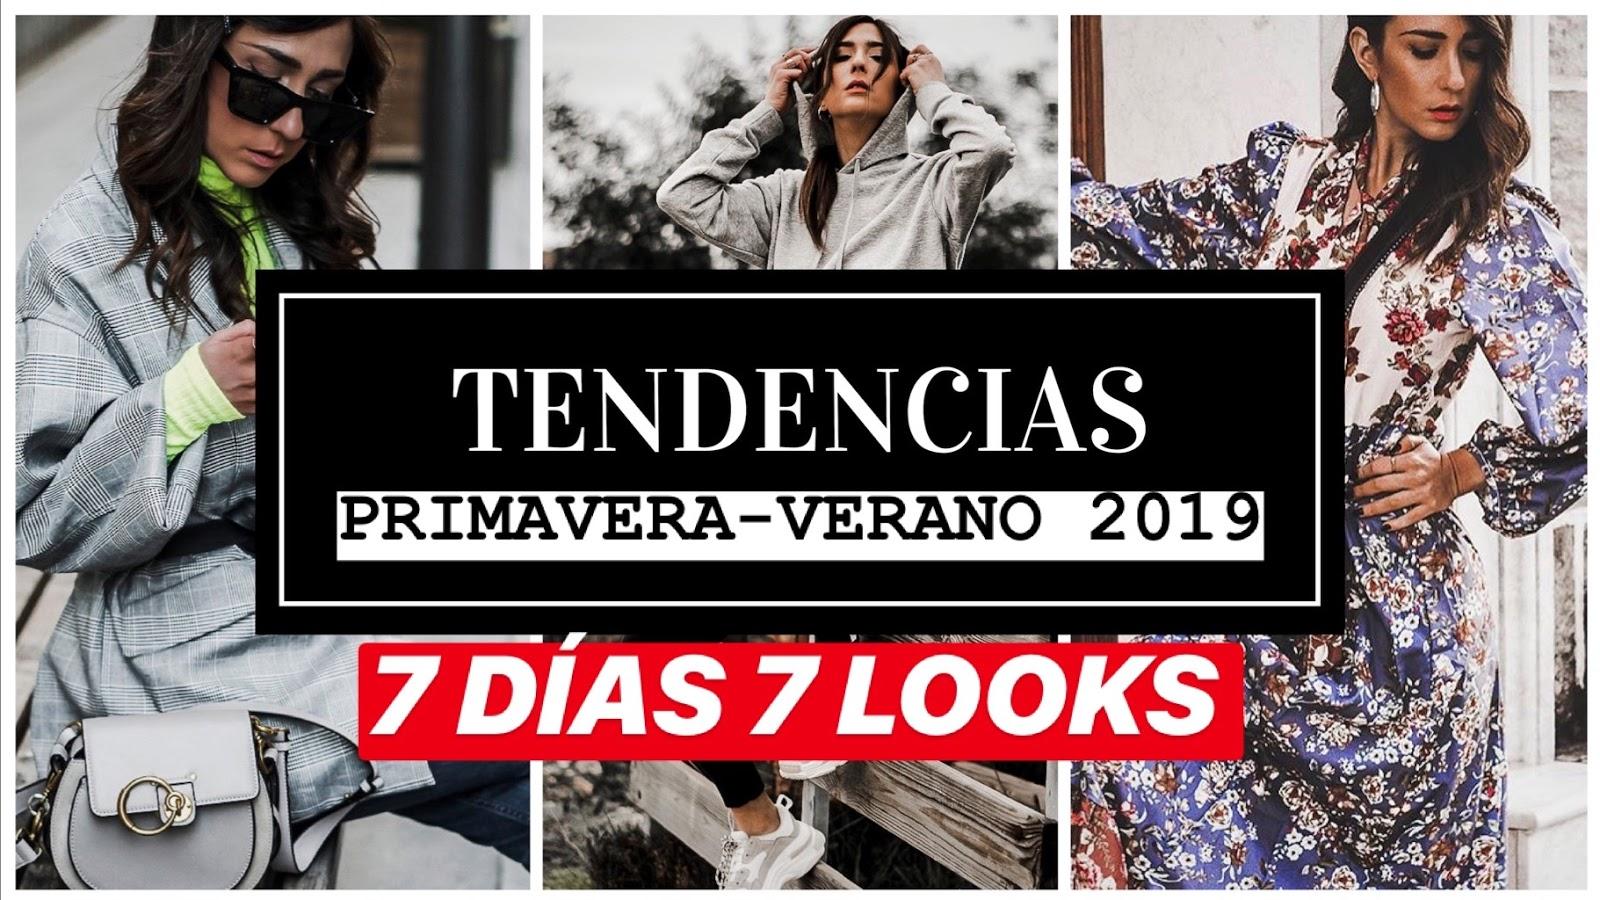 Tendencias primavera 2019 - ¿Cómo combinarlas  Looks con tendencias ... 782642049cf